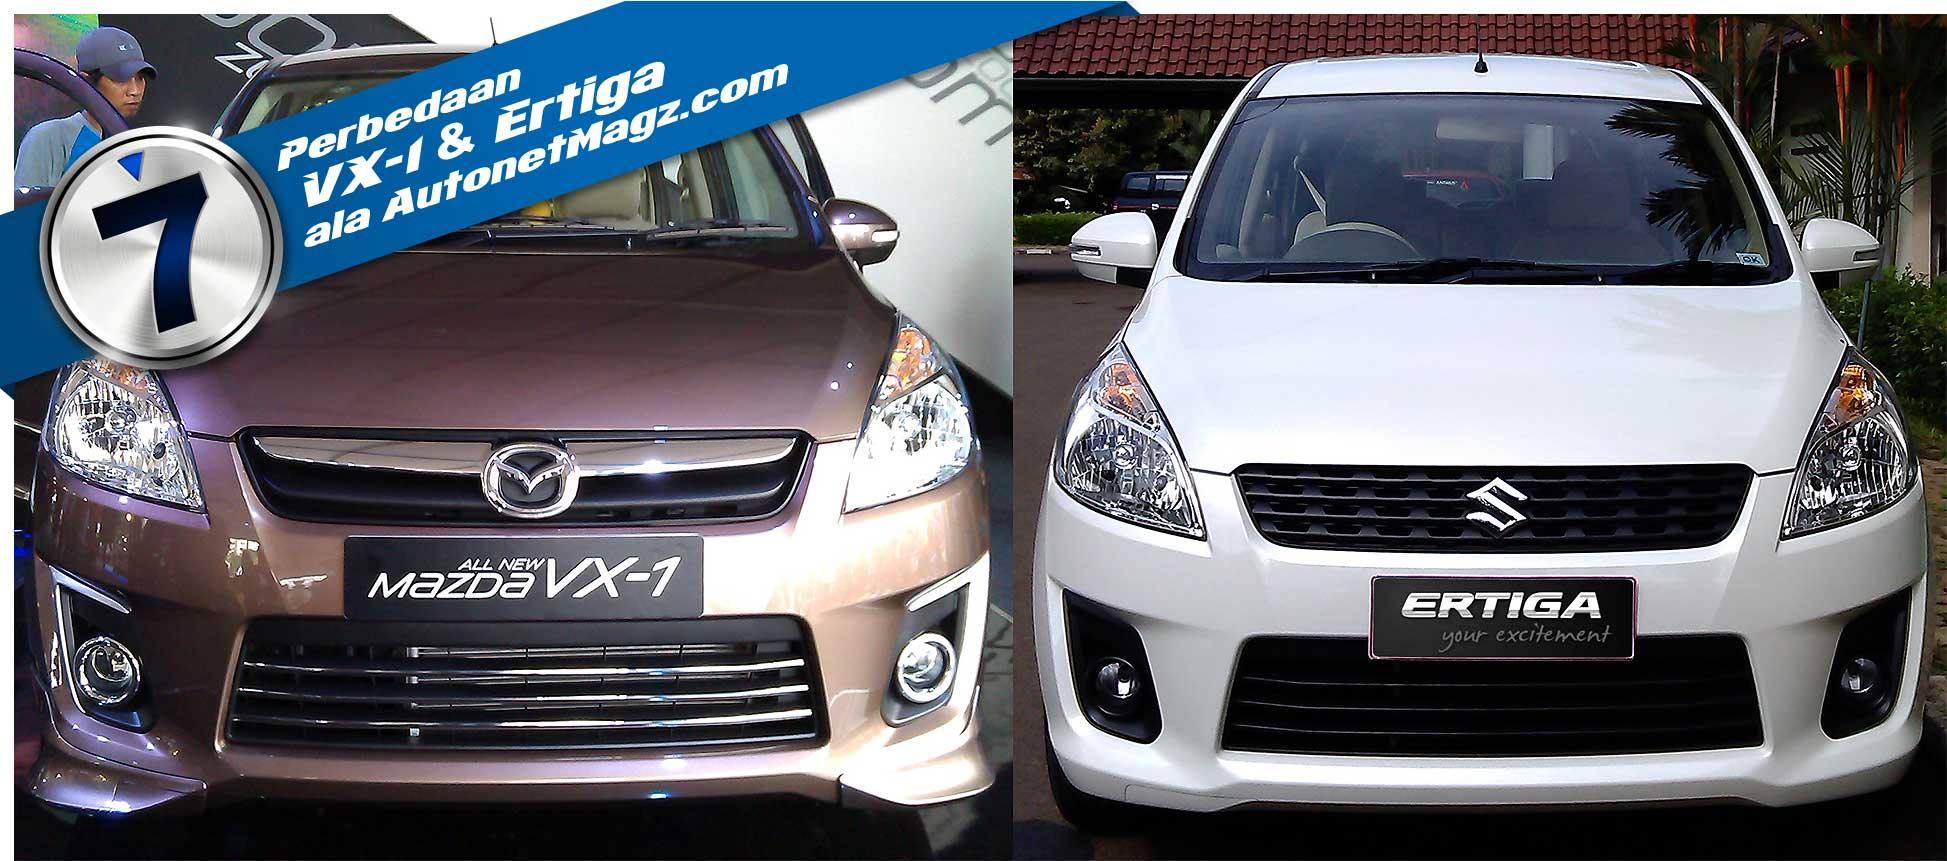 7 Perbedaan Mazda Vx 1 Dan Suzuki Ertiga